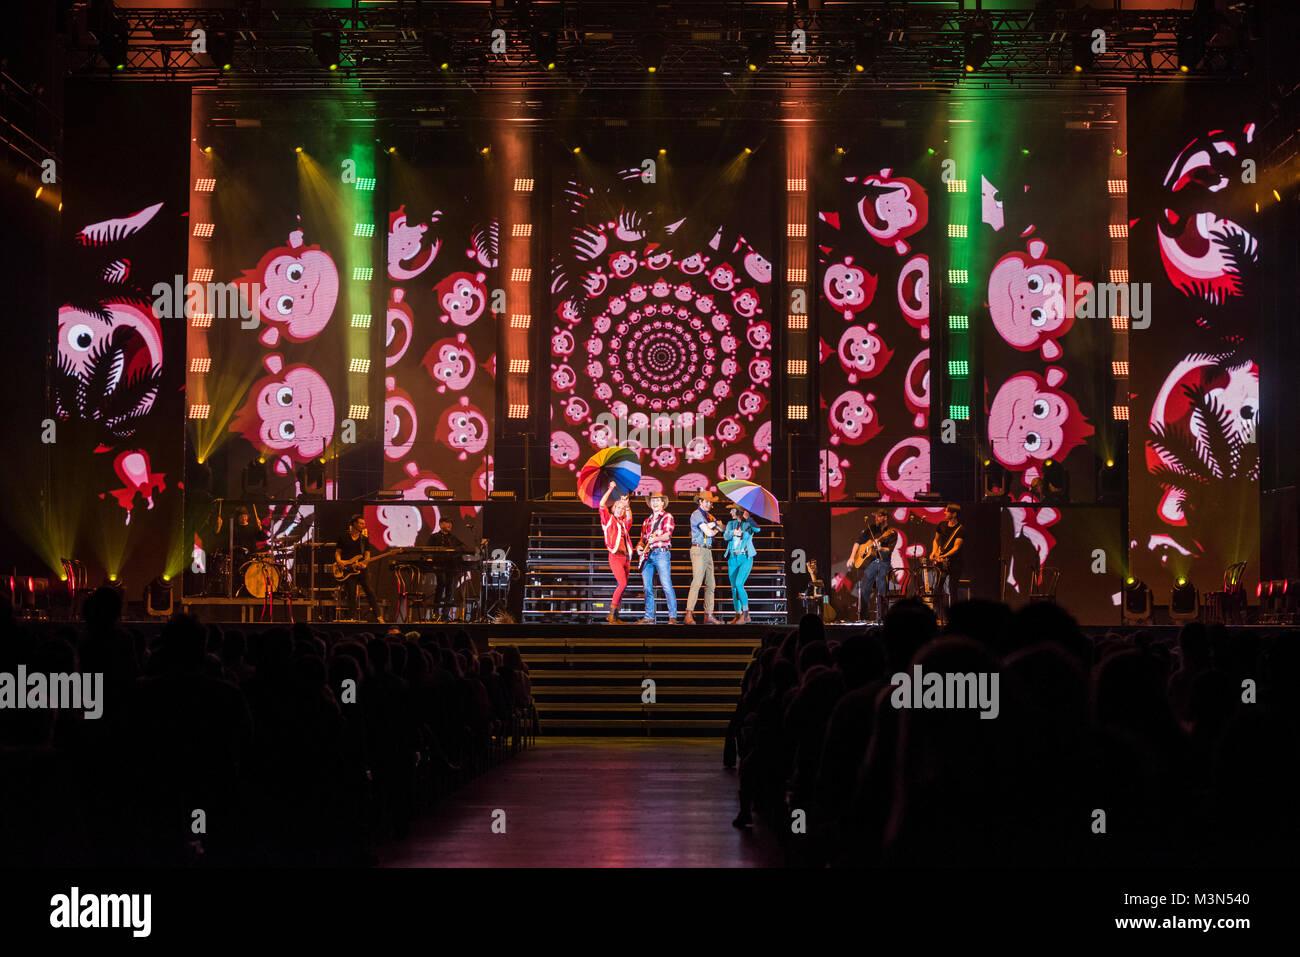 Das Musical 'Bibi & Tina - Die große Show' begeisterte am Mittwoch (18.01.2017) zahlreiche junge - Stock Image